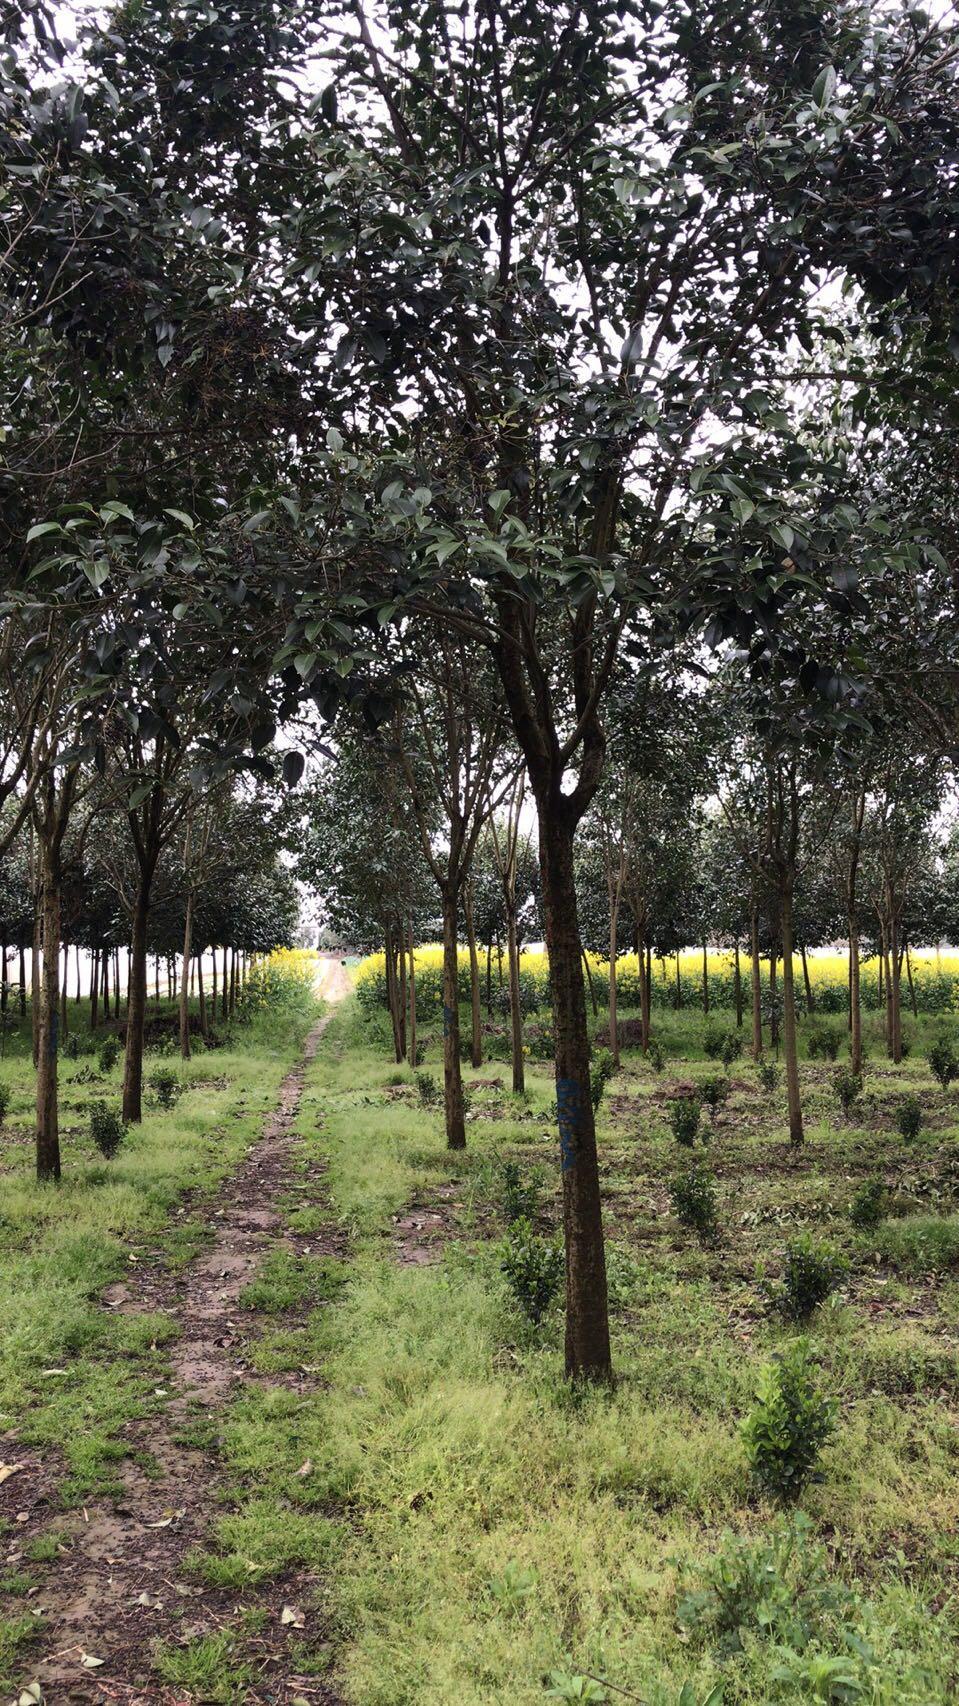 银杏树销售电话_银杏树多少钱一棵相关-东台市新街镇海川苗圃